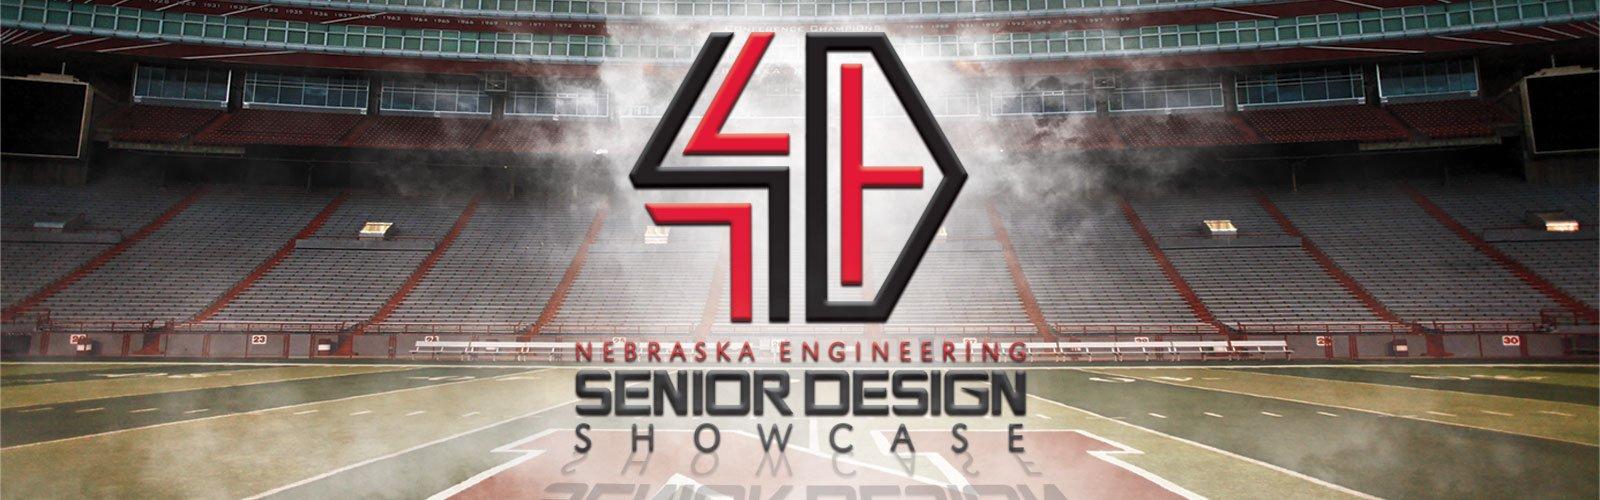 Nebraska Engineering Senior Design Showcase, April 26, 2019, Memorial Stadium